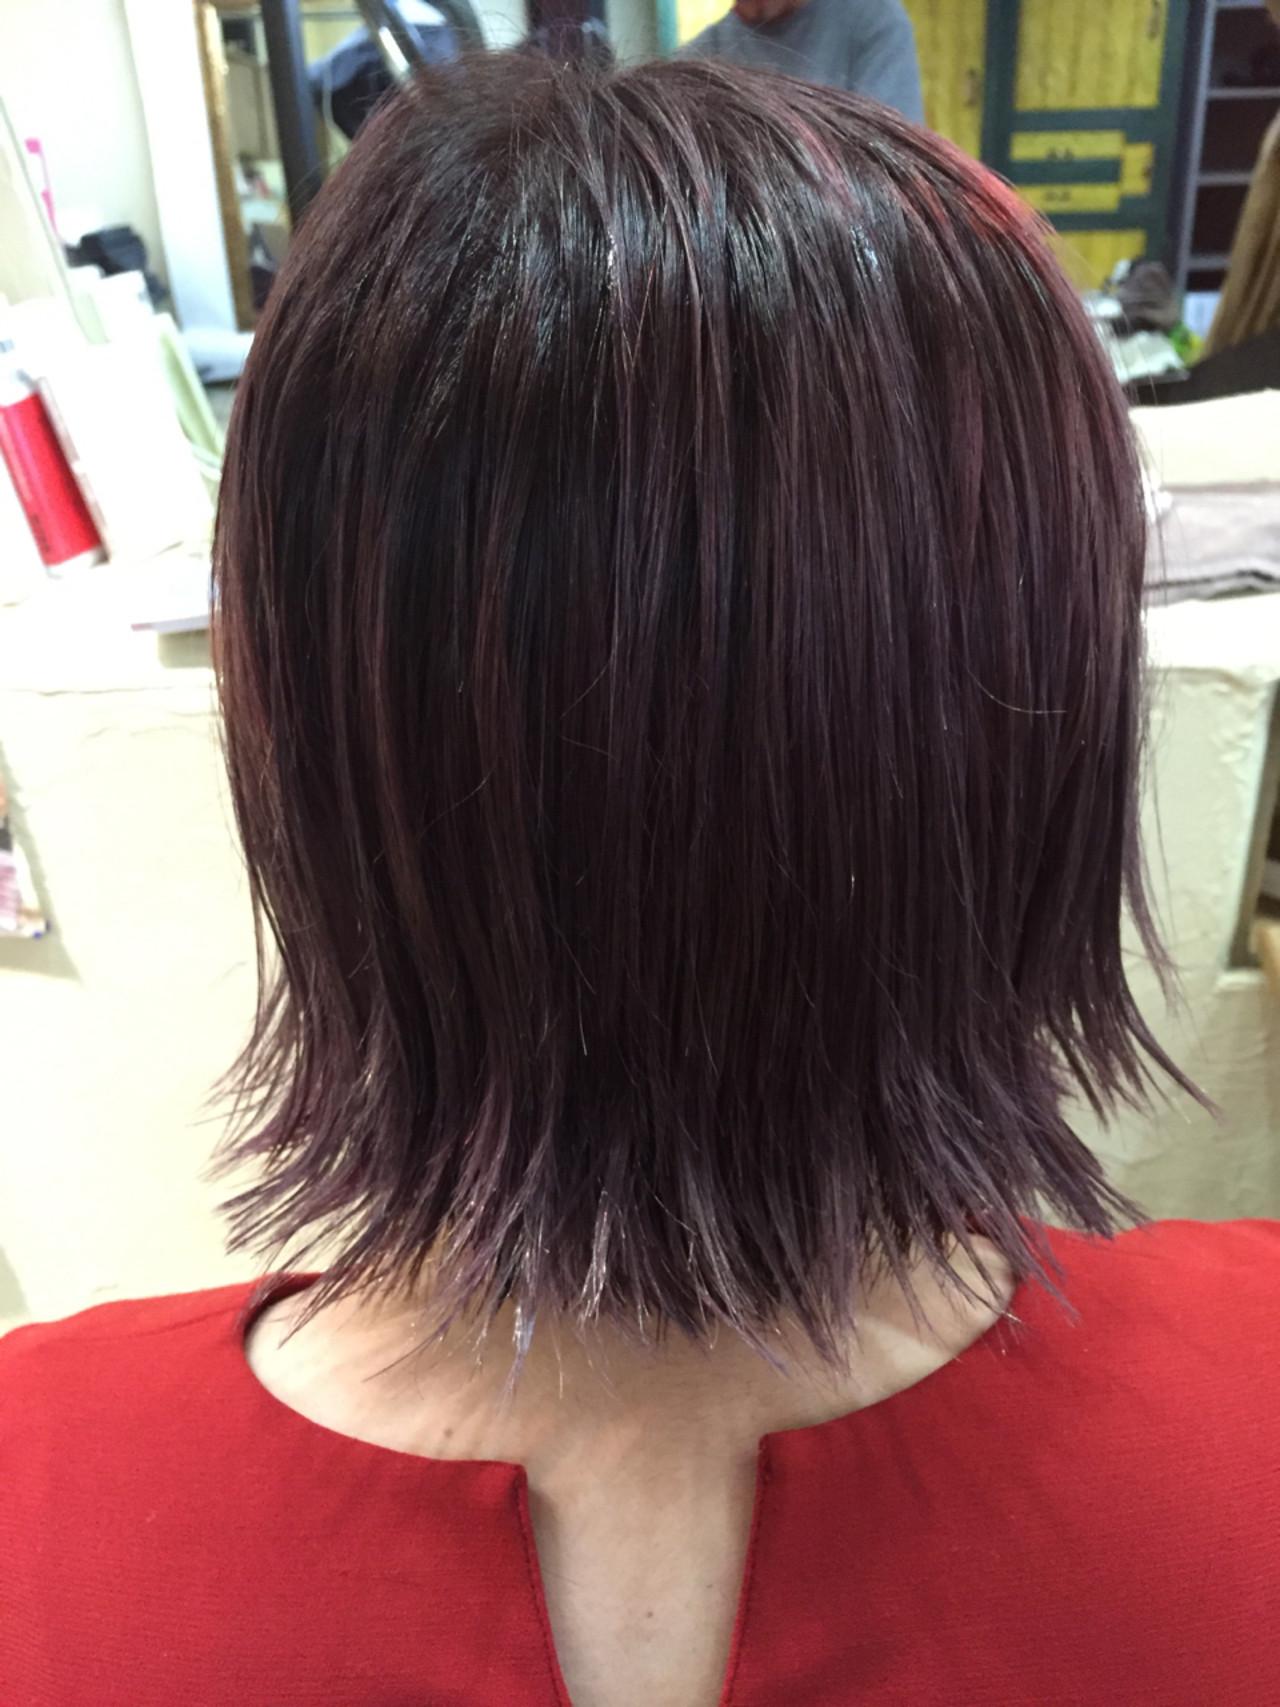 ピンク ウェットヘア グラデーションカラー ボブ ヘアスタイルや髪型の写真・画像